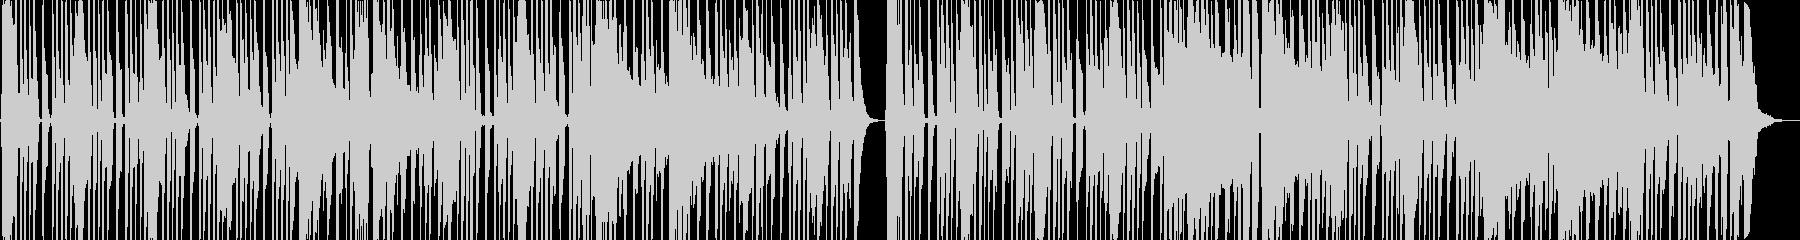 陽気なカントリー調のロックの未再生の波形